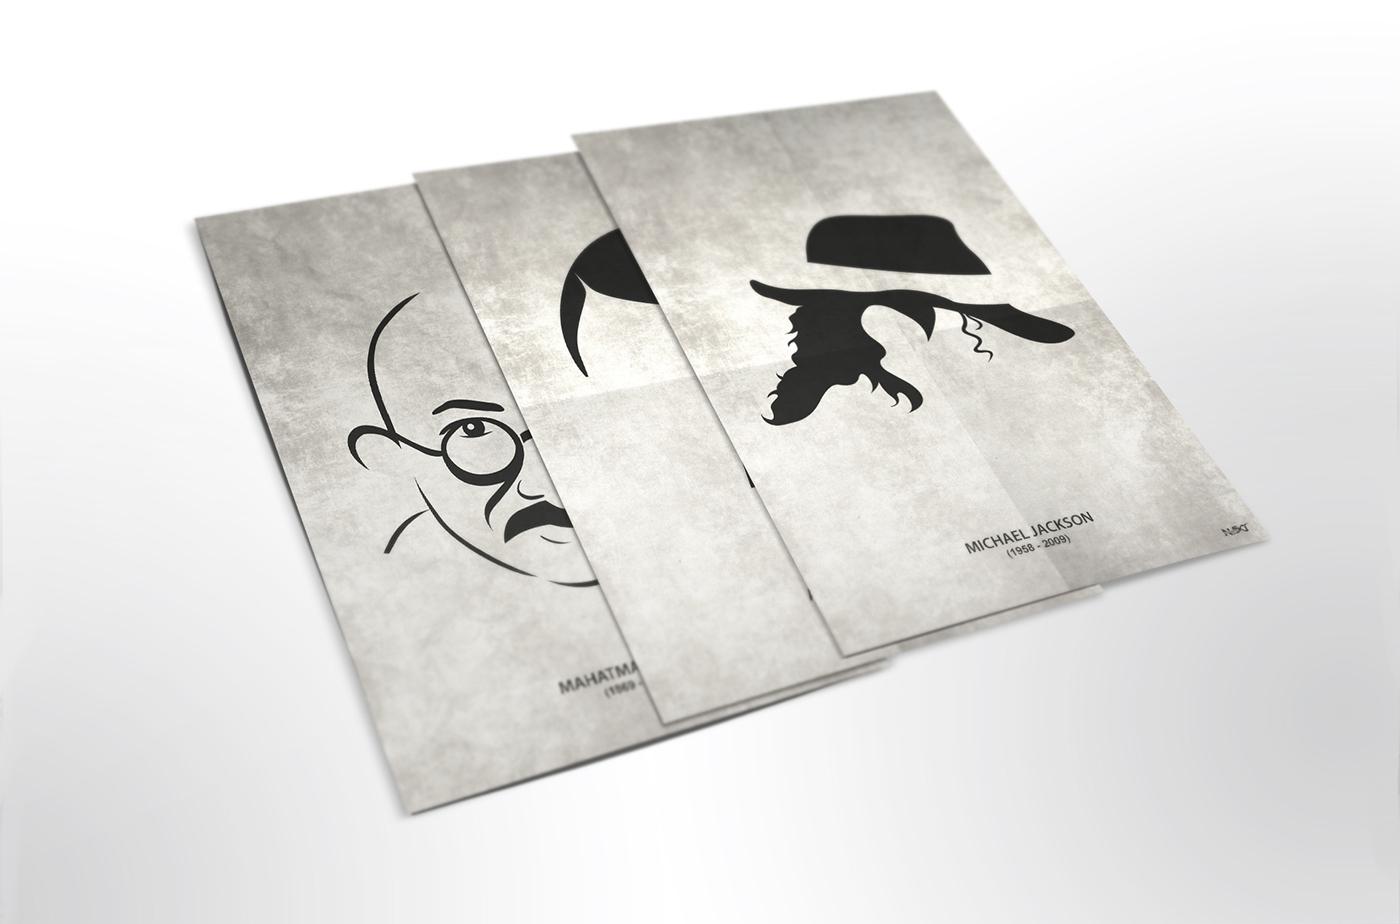 Ilustraciones minimalistas de personajes históricos